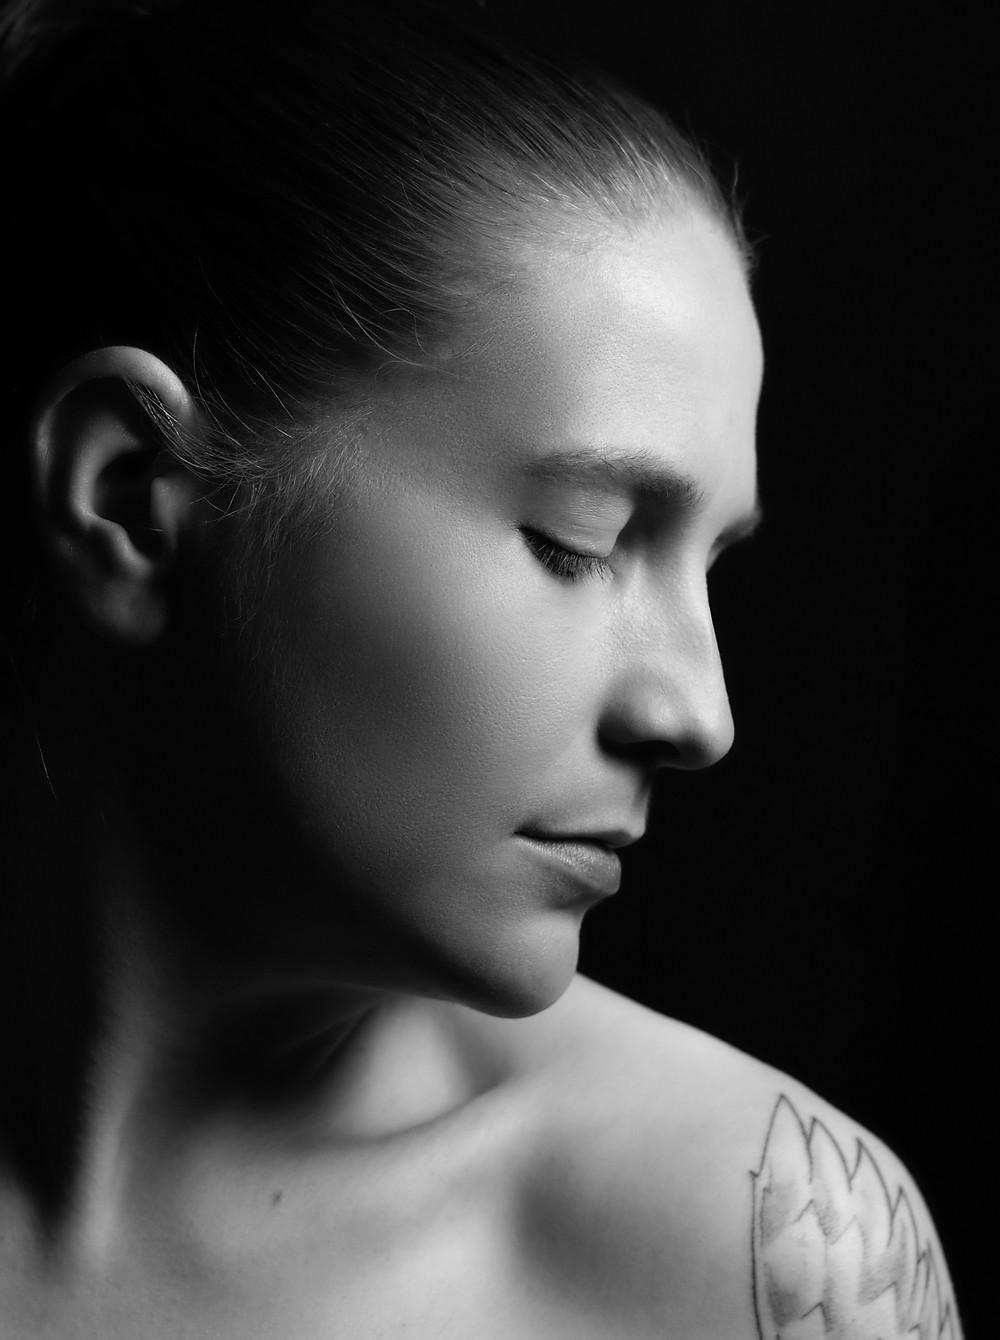 Portrait photographe dombasle sur meurthe mariage enfant anniversaire